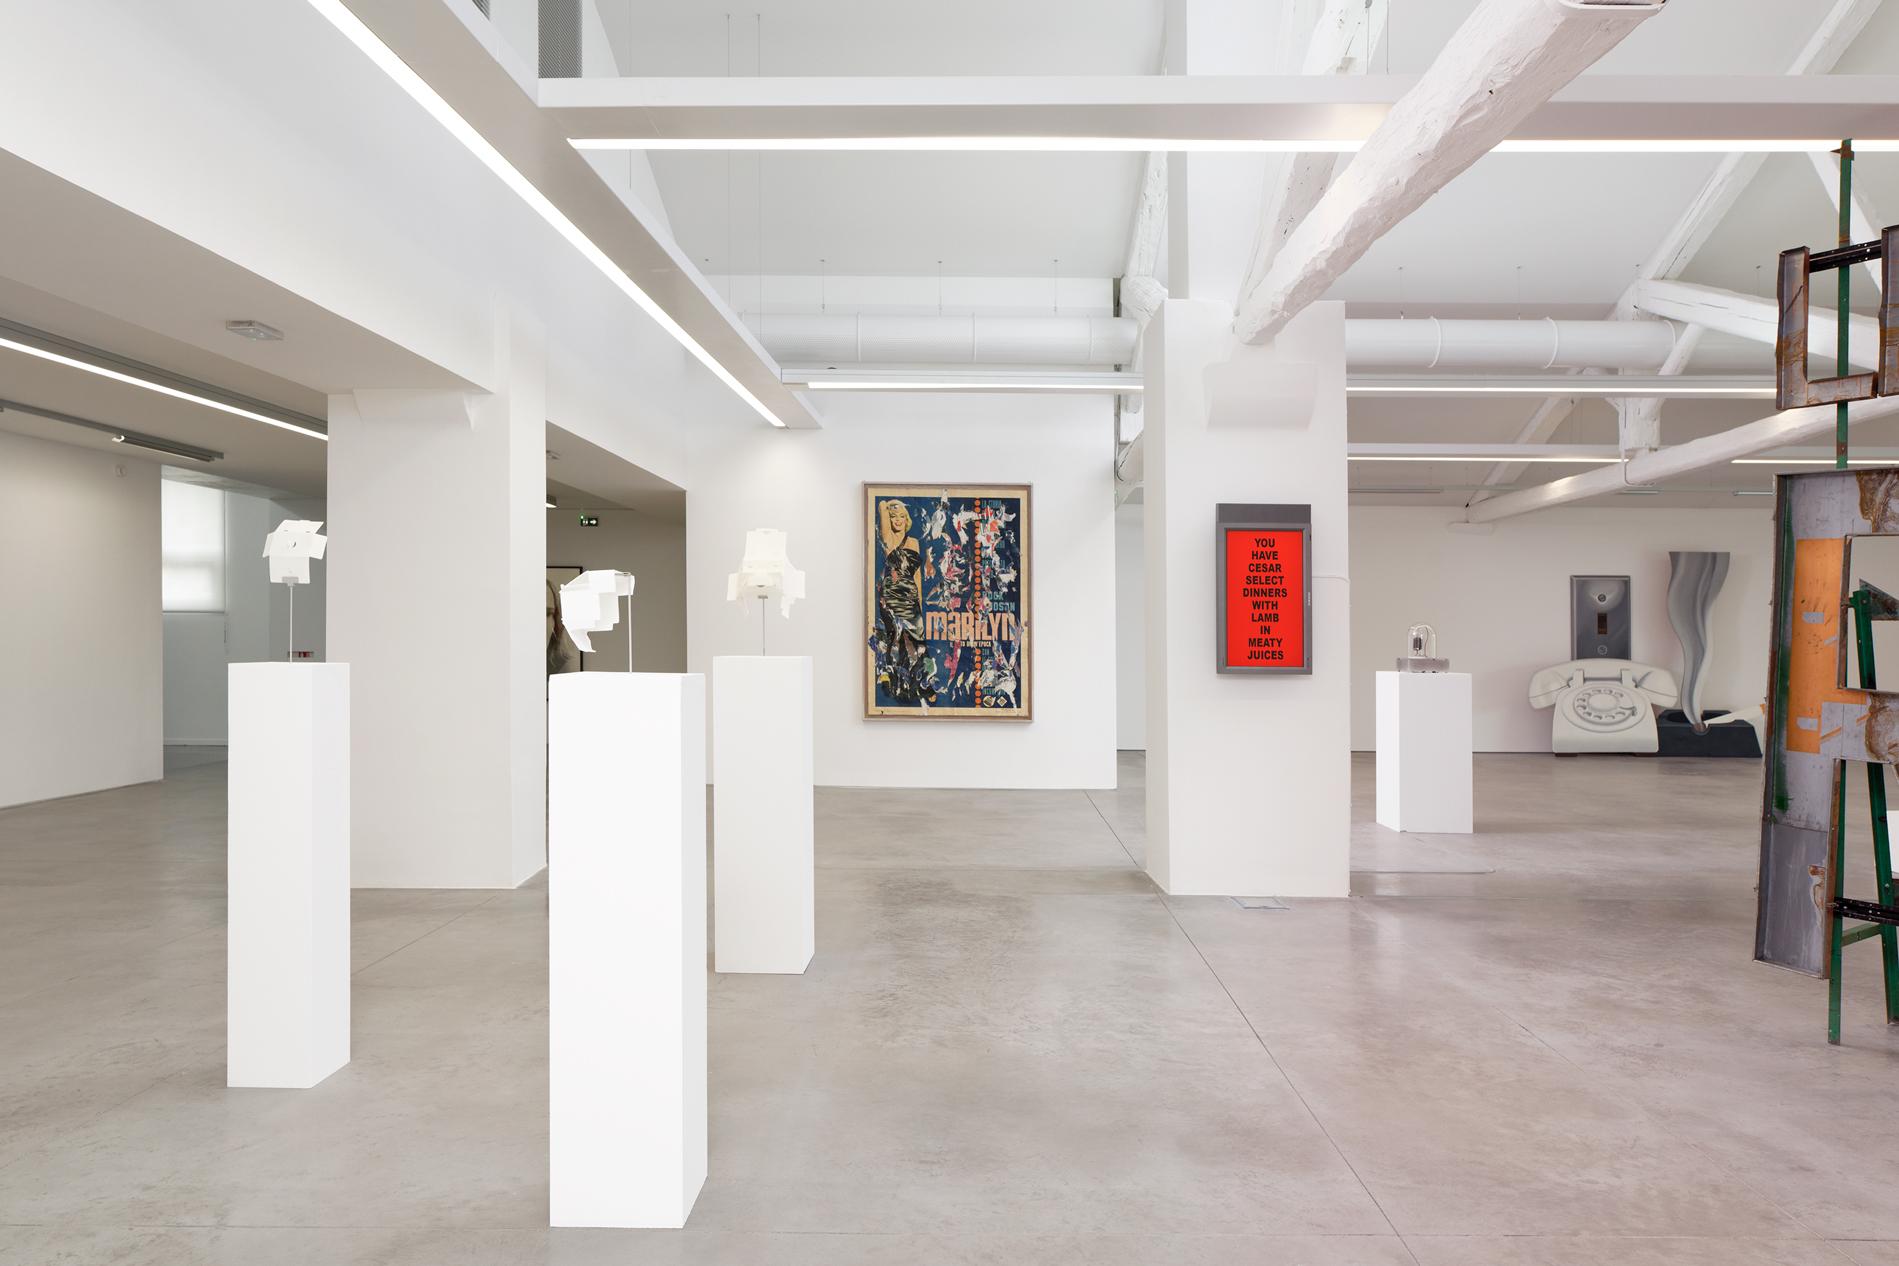 Vue d'exposition,  La Complainte du Progrès , MRAC Occitanie, Sérignan, 2018.